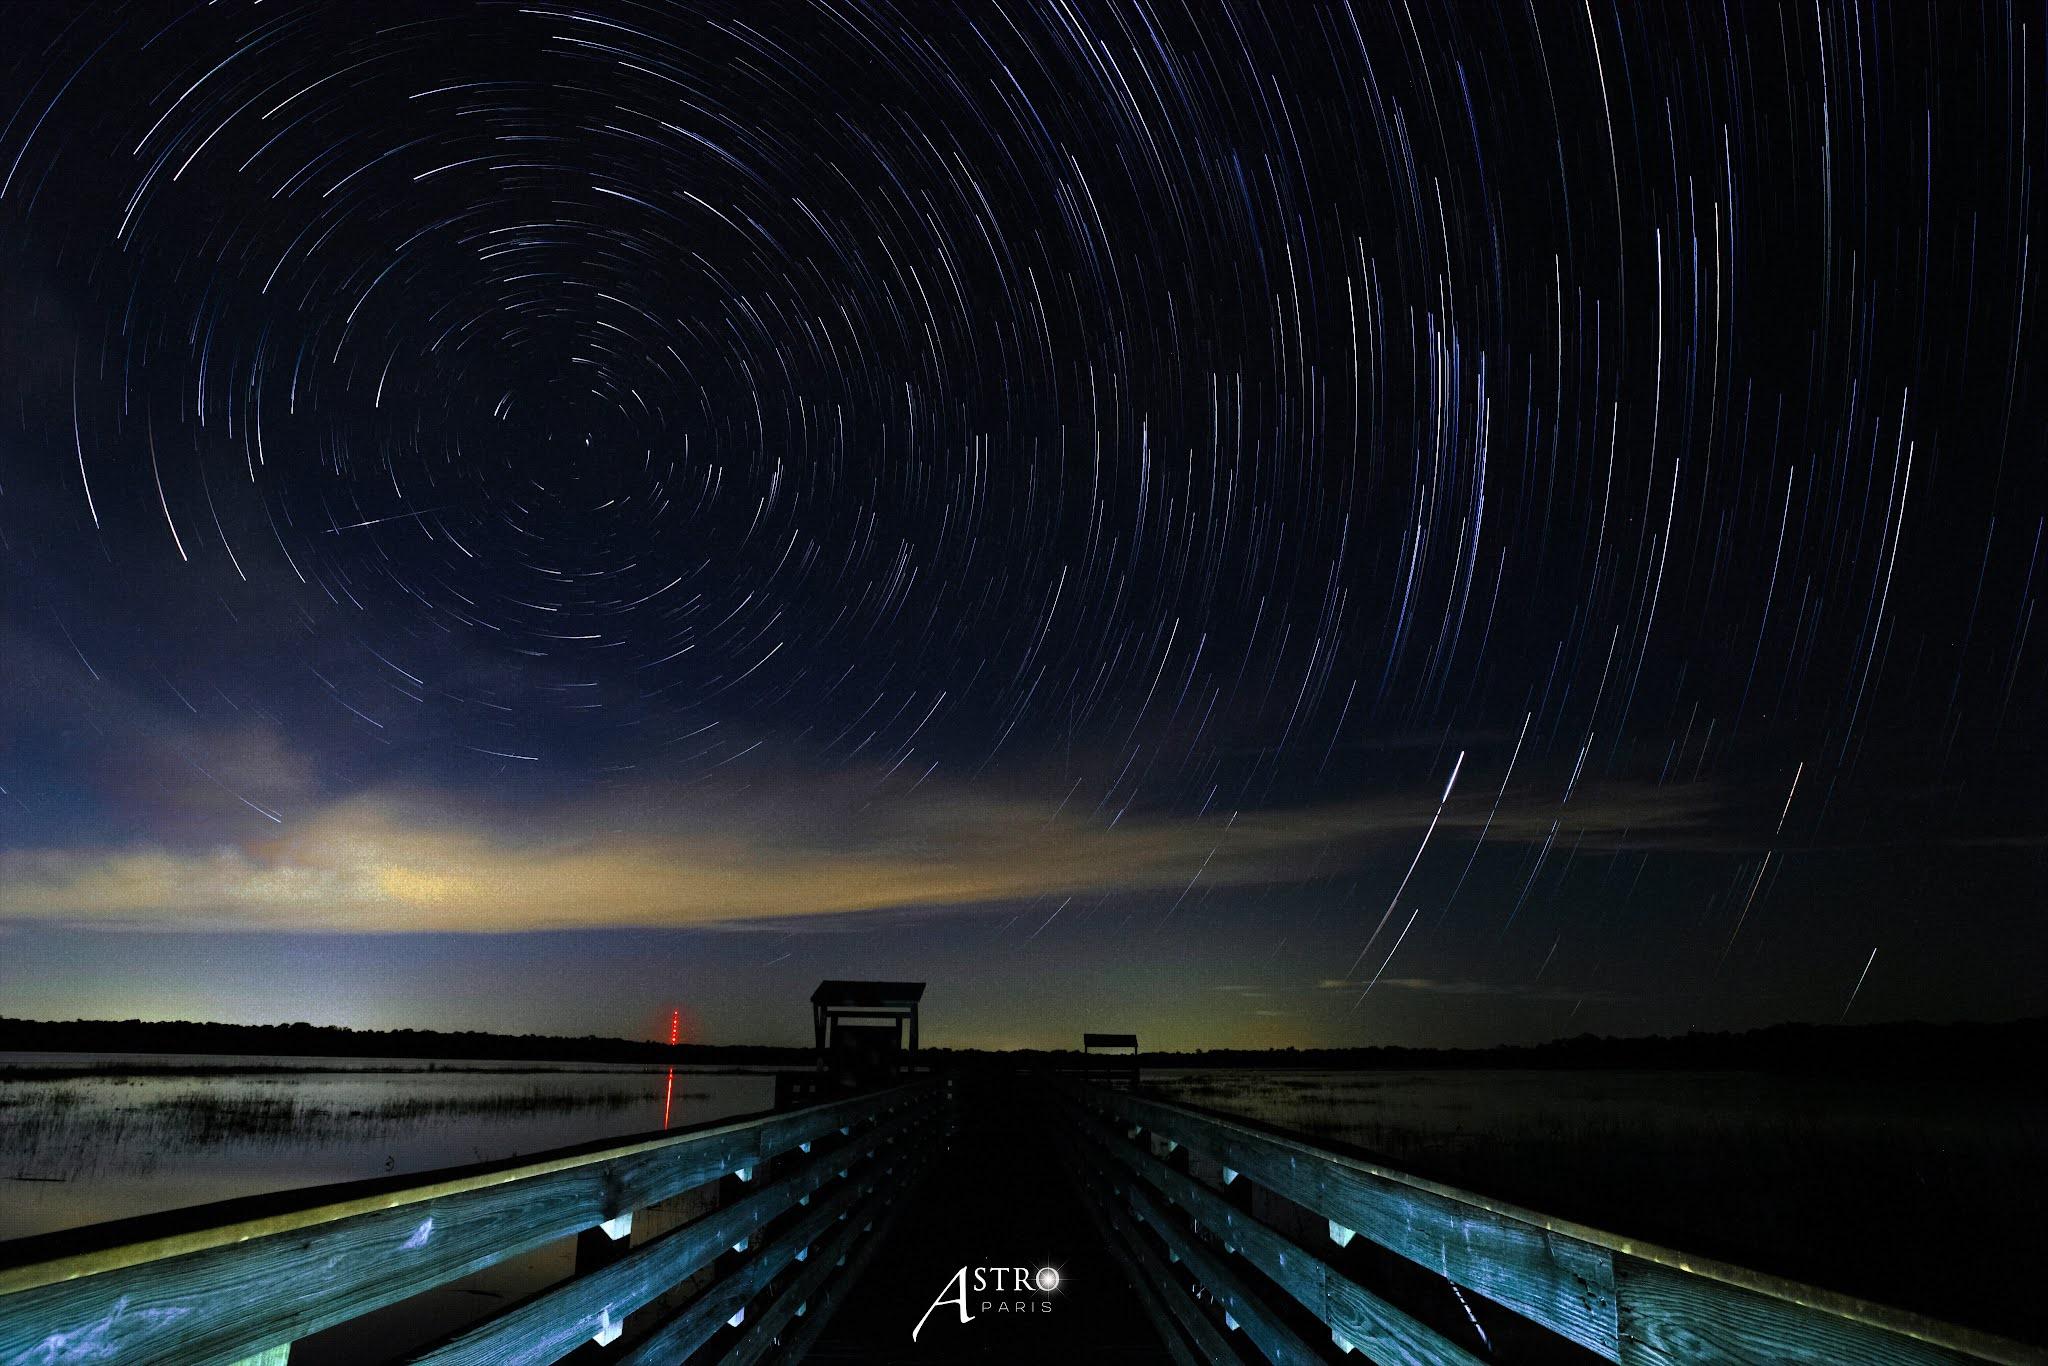 gambar hujan meteor perseids 2021